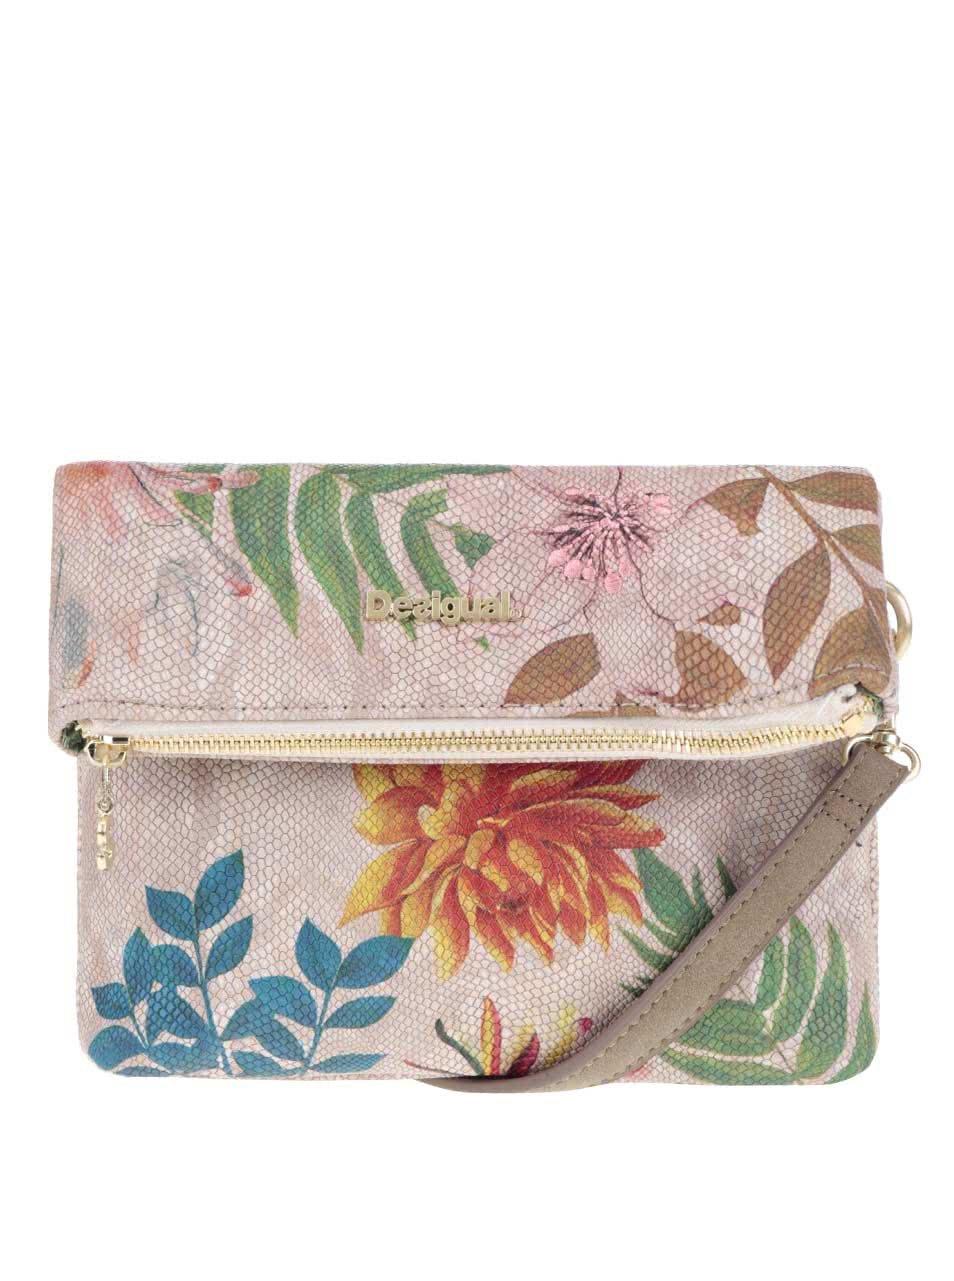 Béžová crossbody kabelka s barevnými květy Desigual Atenas Mogli